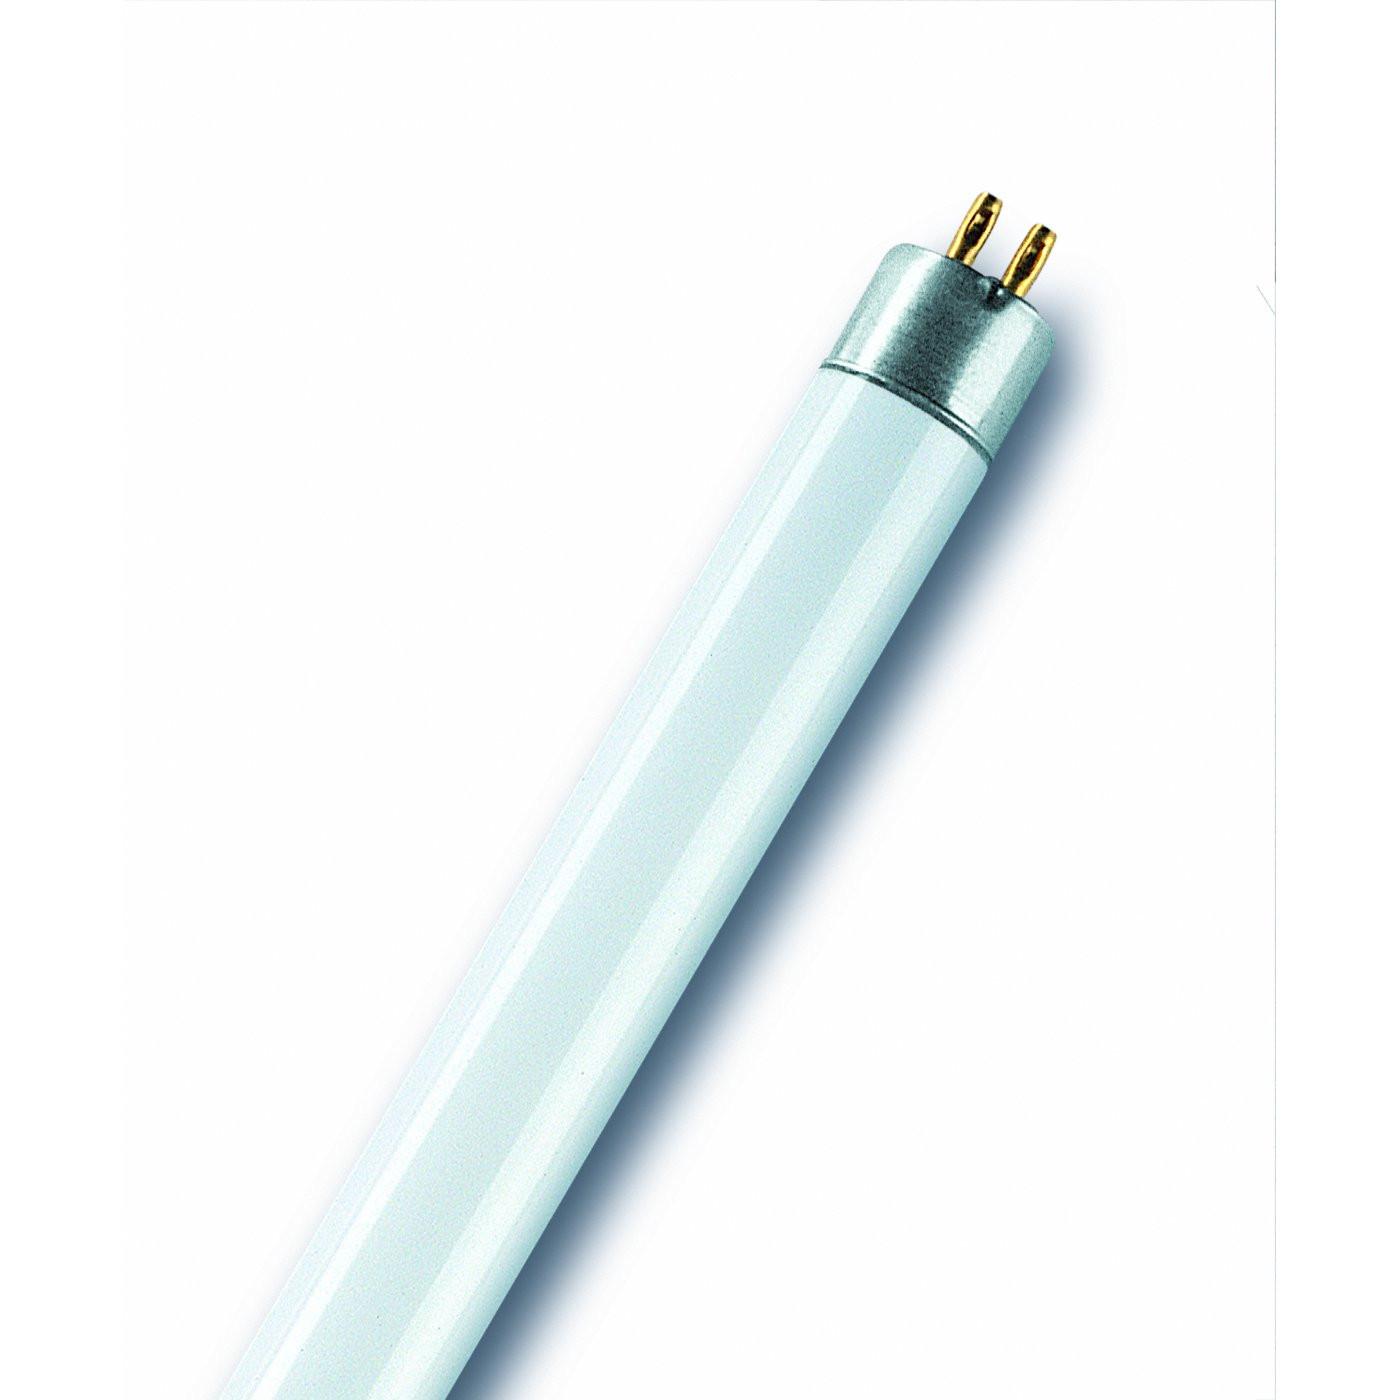 Osram Leuchtstofflampe Röhrenform T16 24W/827 G5 HO hoher Lichtstrom warmweiß extra